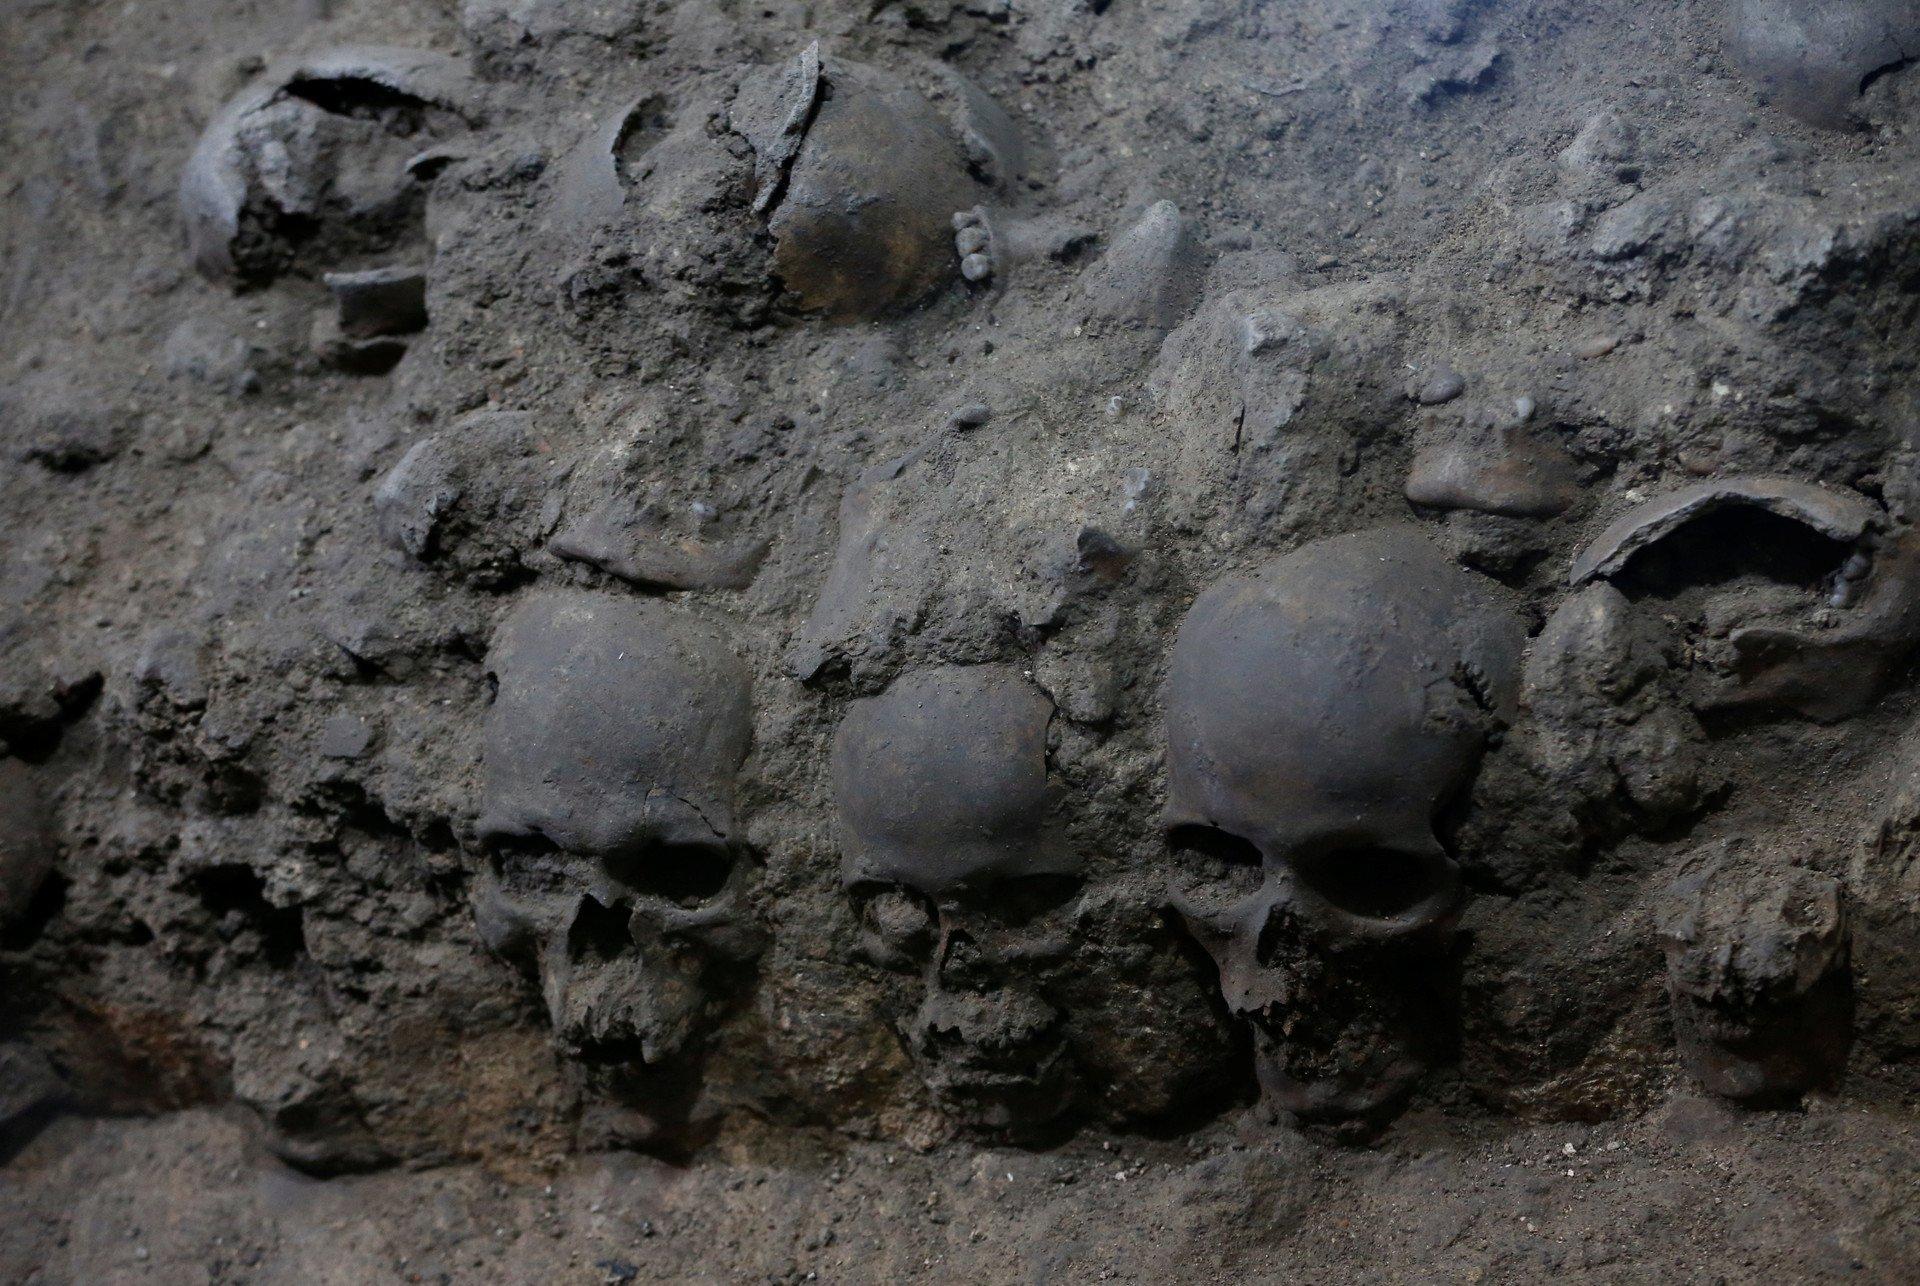 ВМехико откопали подземную вышку из650 человеческих черепов